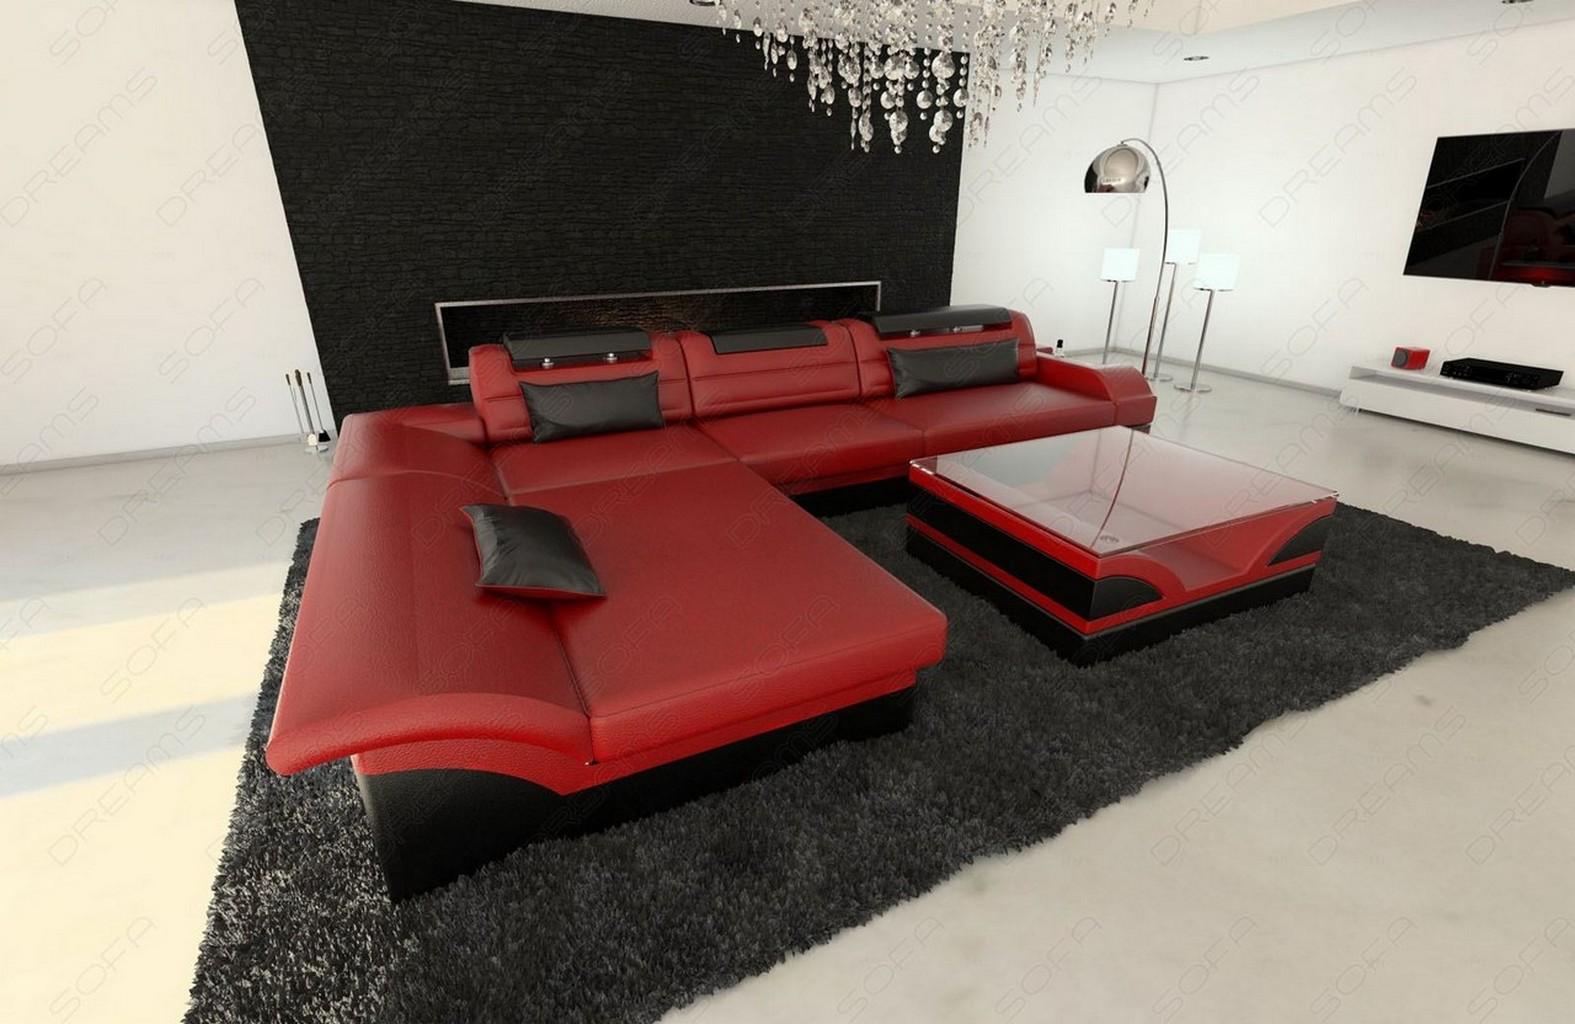 ledersofa design couch monza l form designersofa beleuchtung opt schlaffunktion ebay. Black Bedroom Furniture Sets. Home Design Ideas